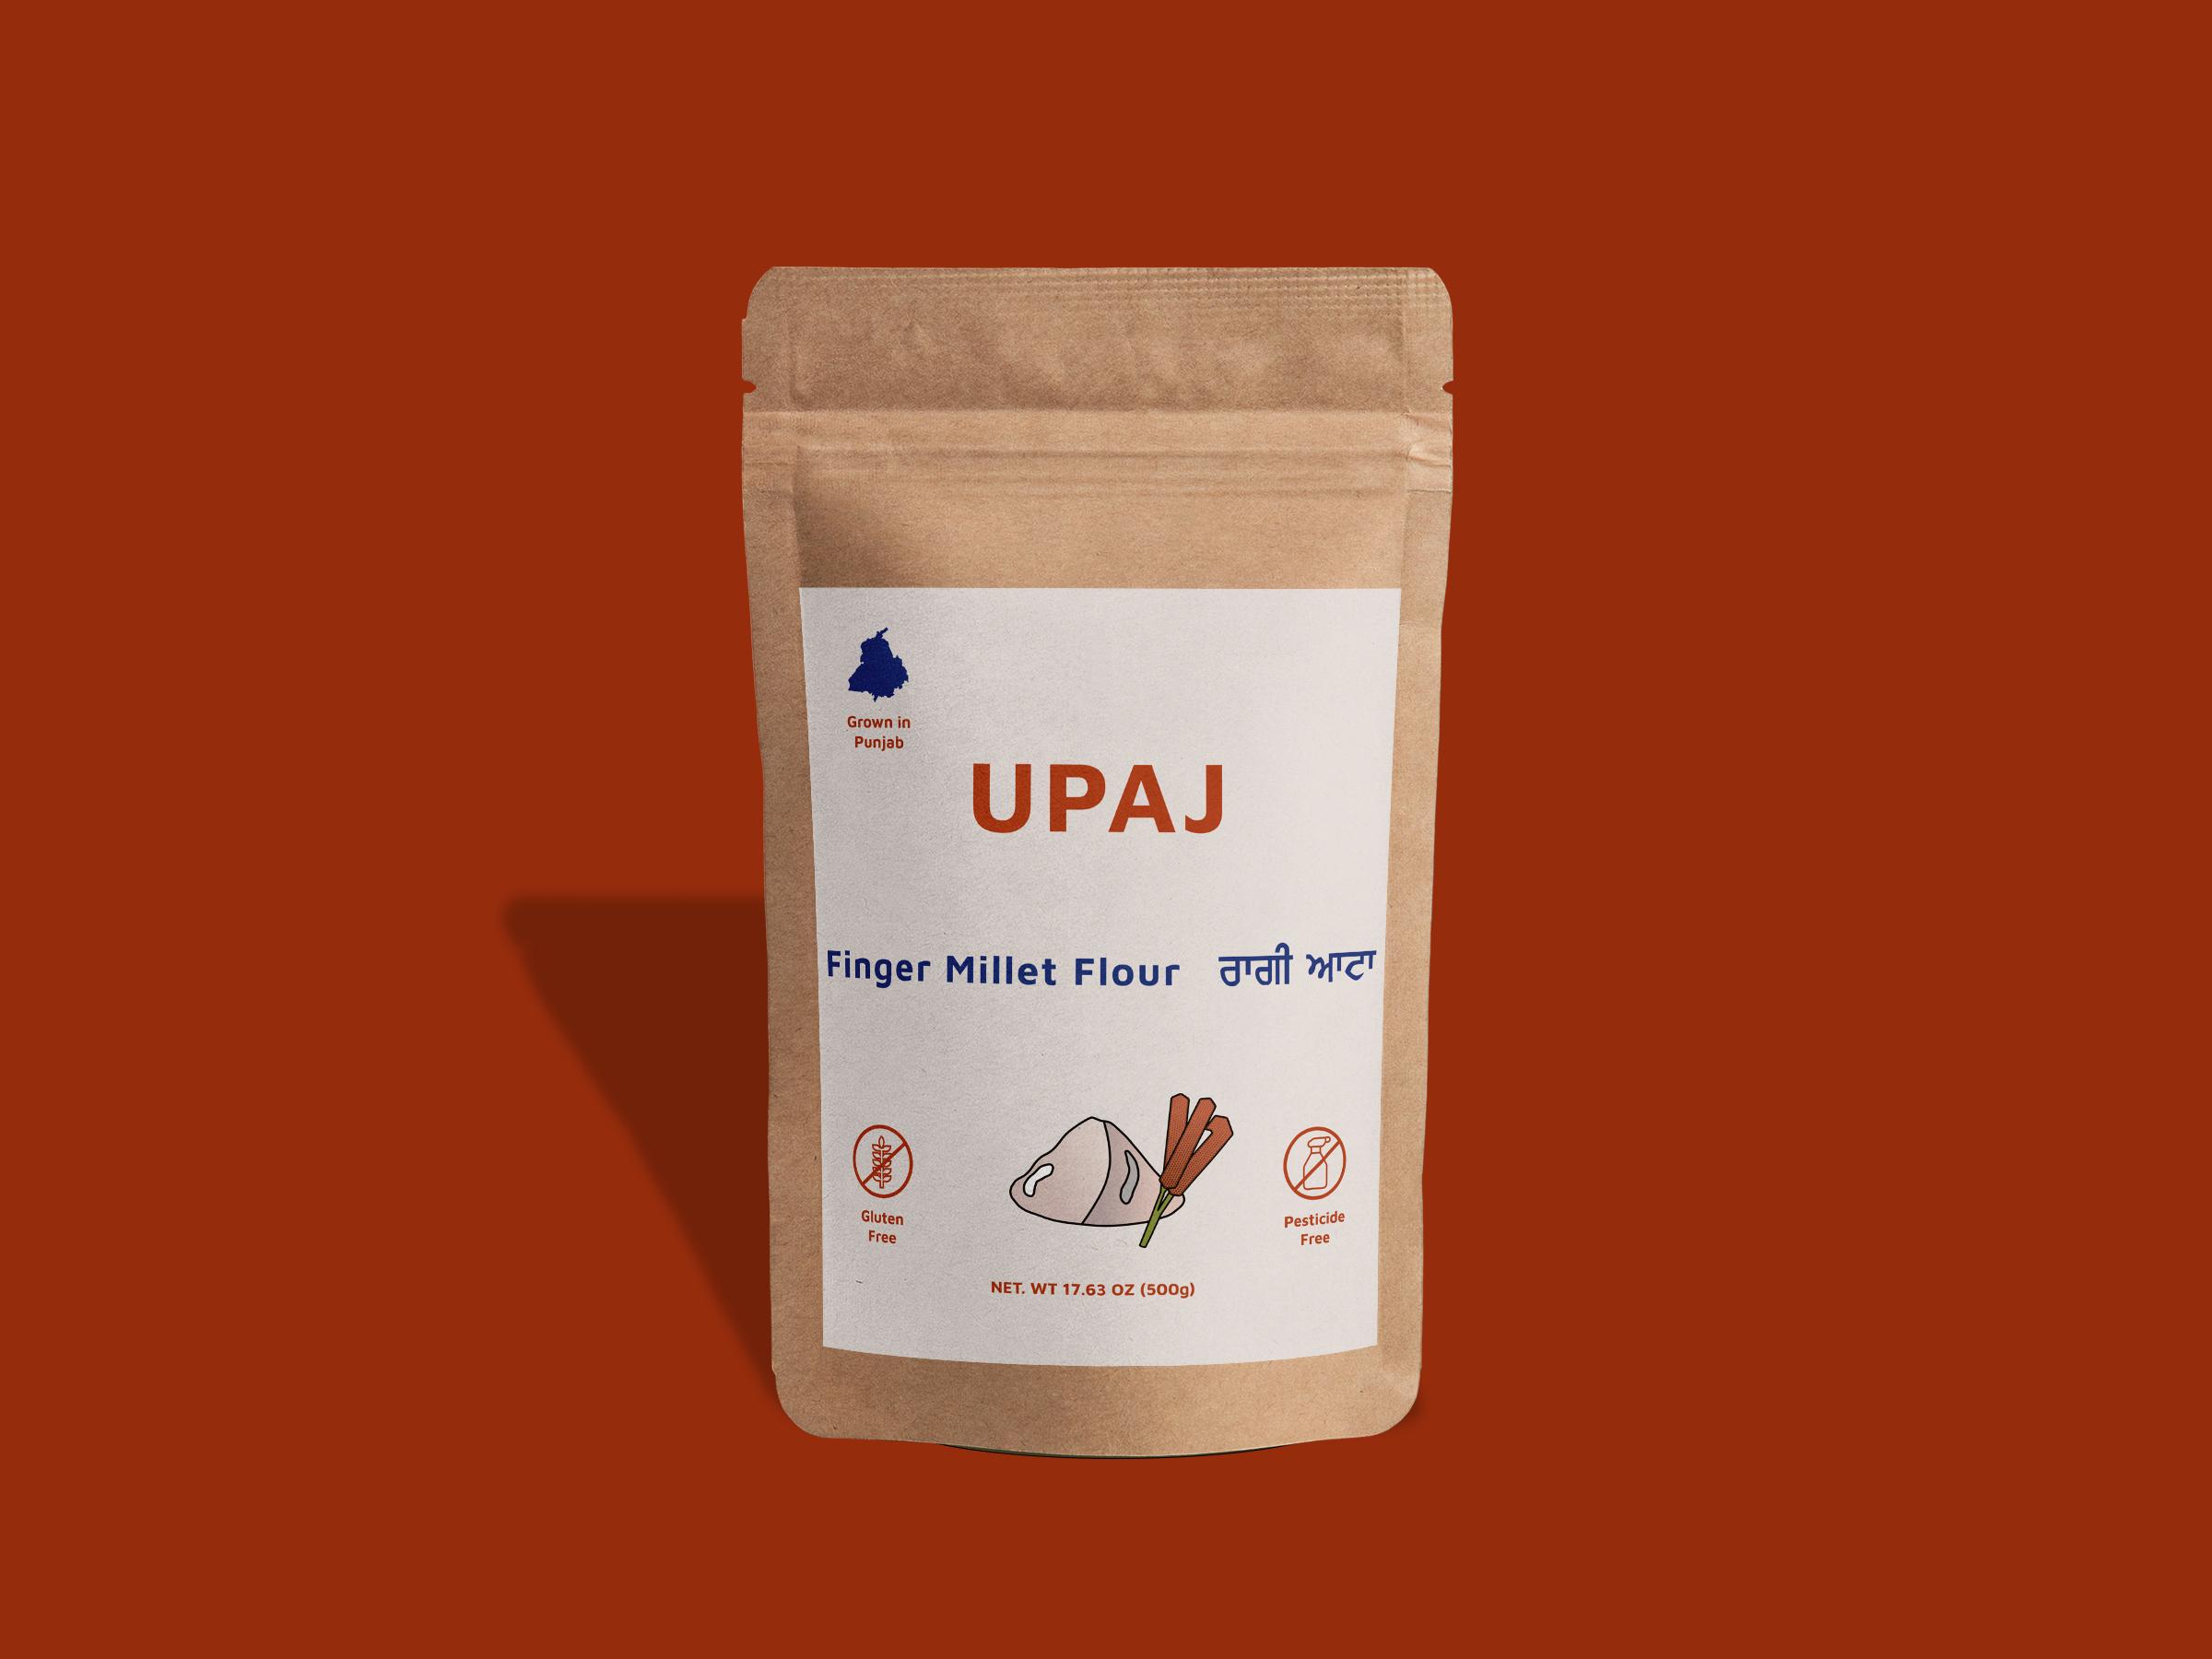 A pouch packaging of finger miller flour.